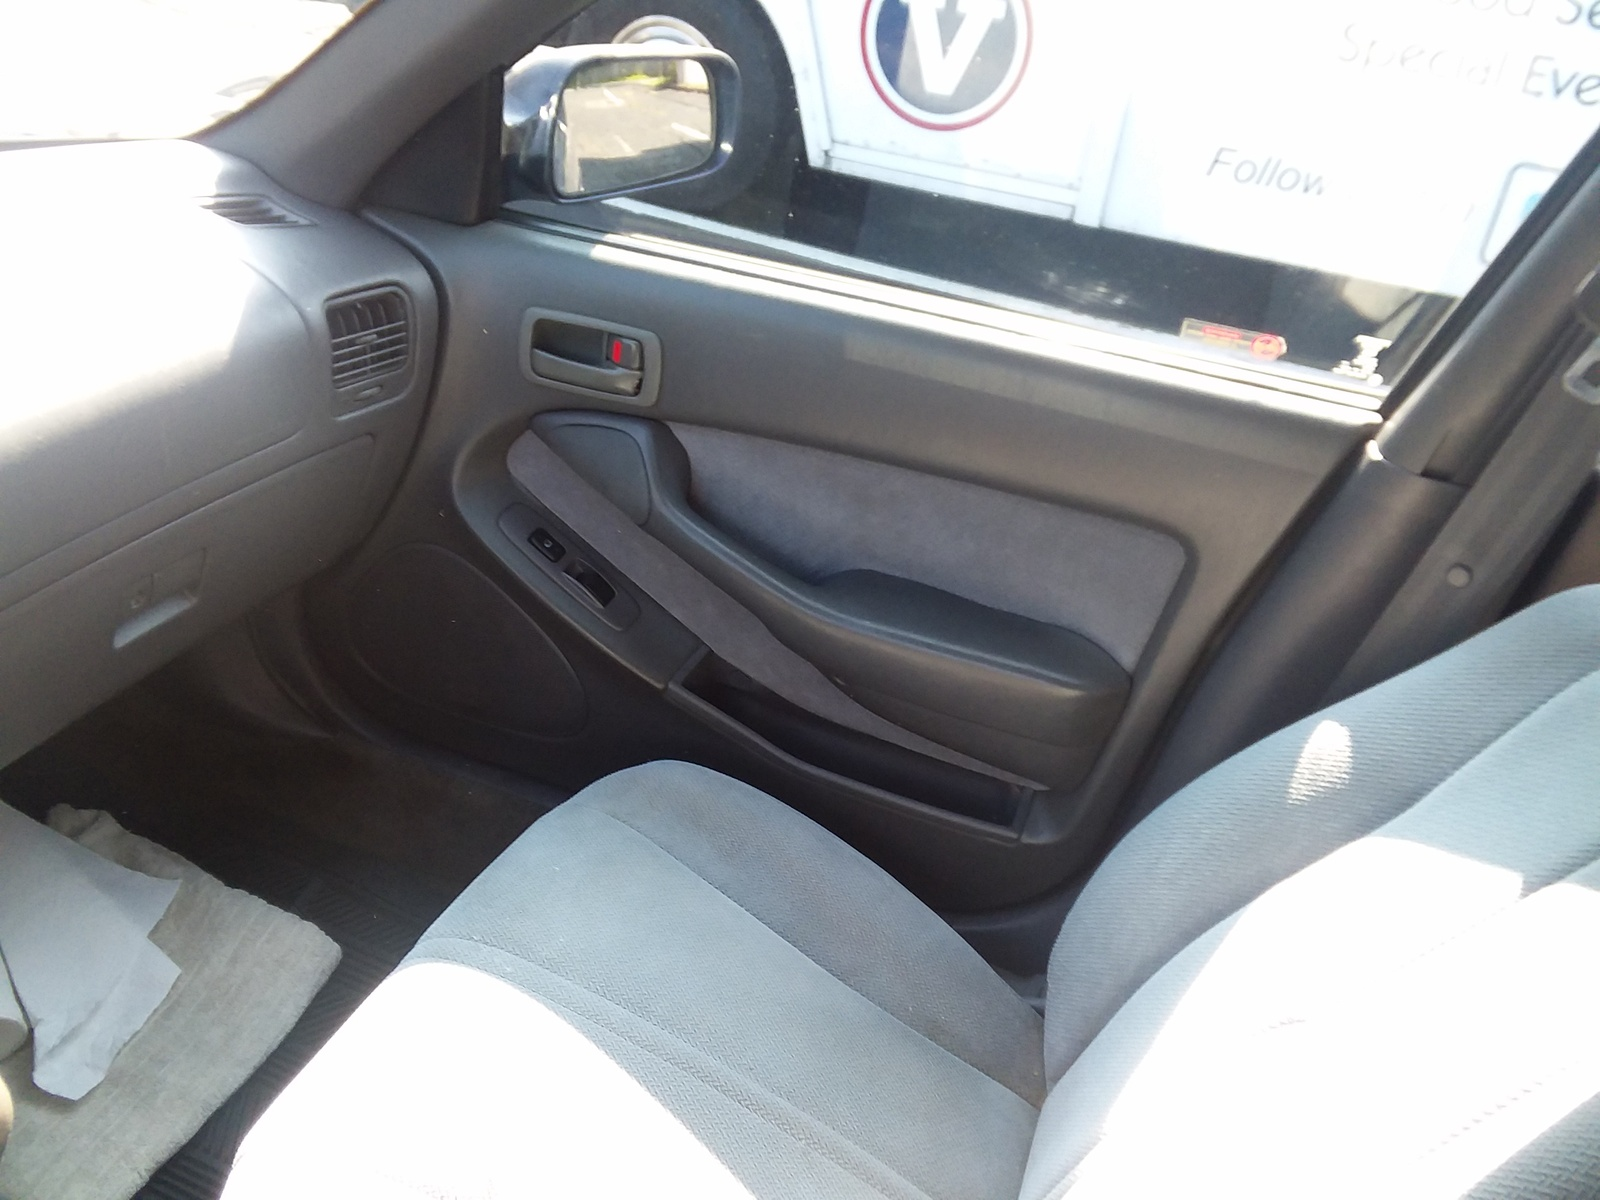 1996 toyota camry interior pictures cargurus 1996 toyota camry interior pictures